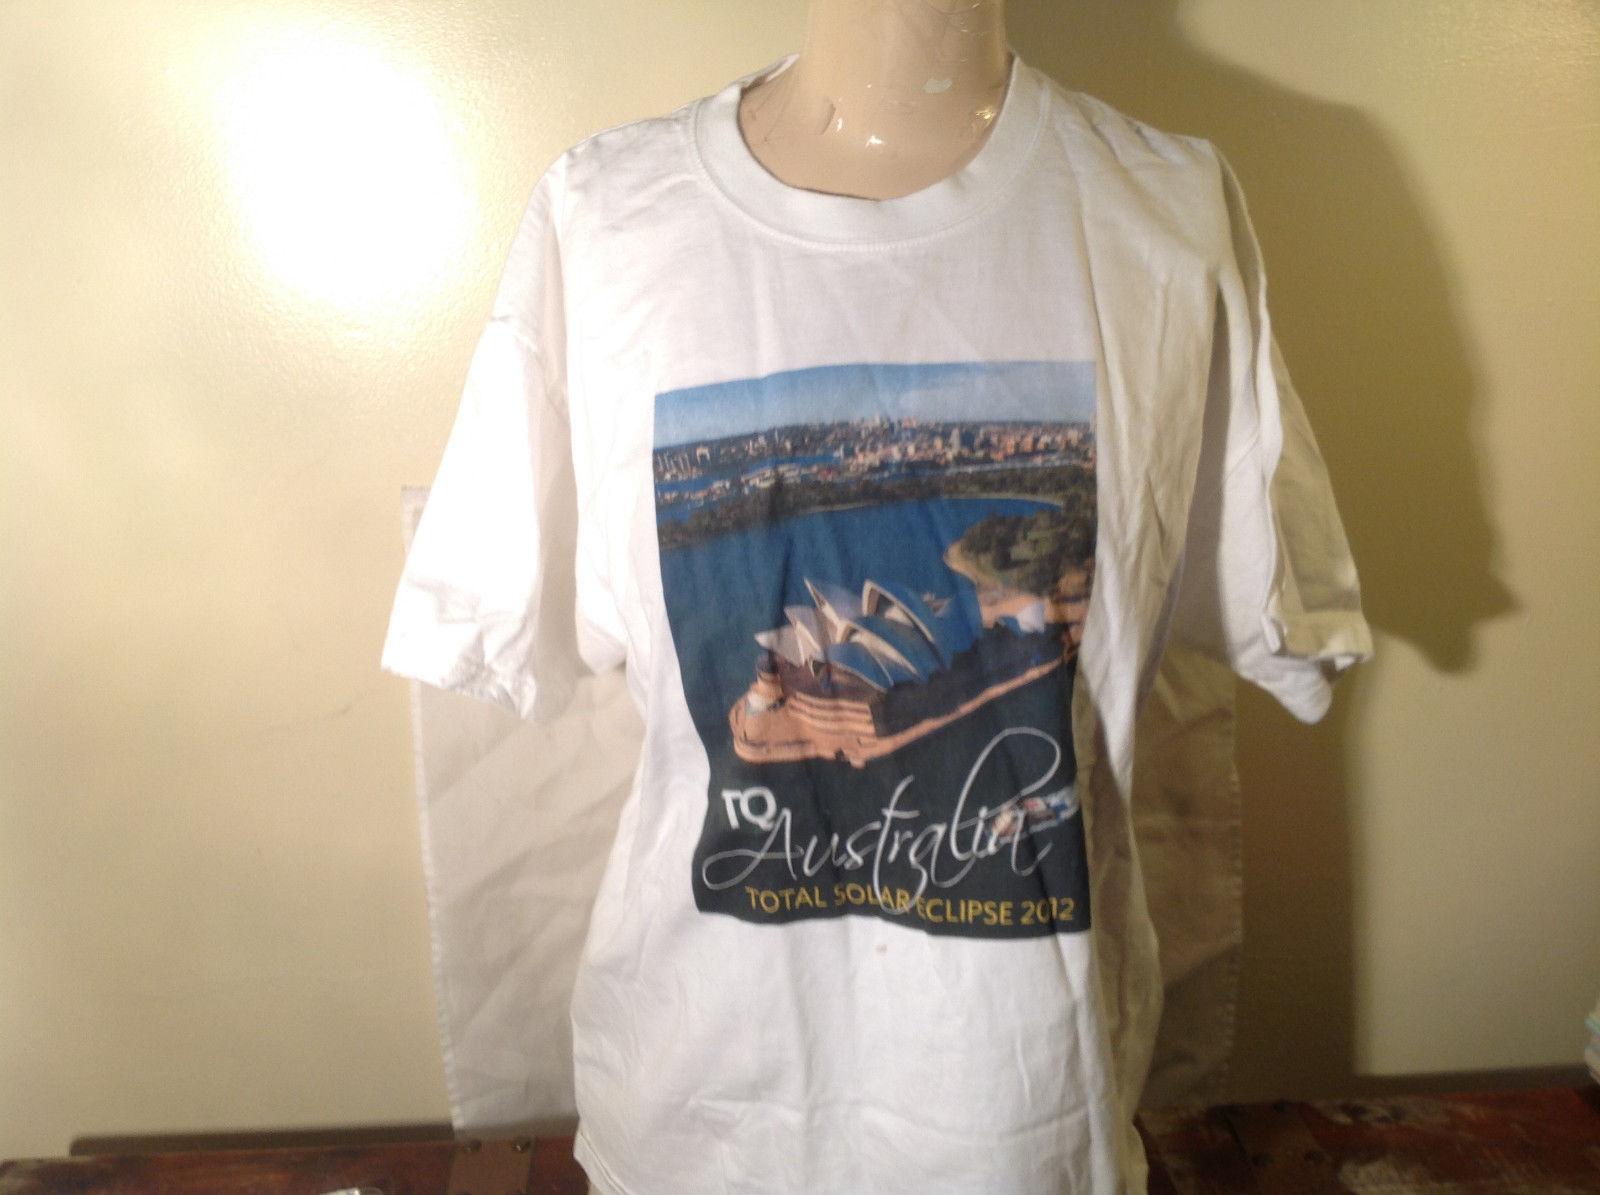 Total Solar Eclipse 2012 Australia TransQuest Tours White T-Shirt Size Large